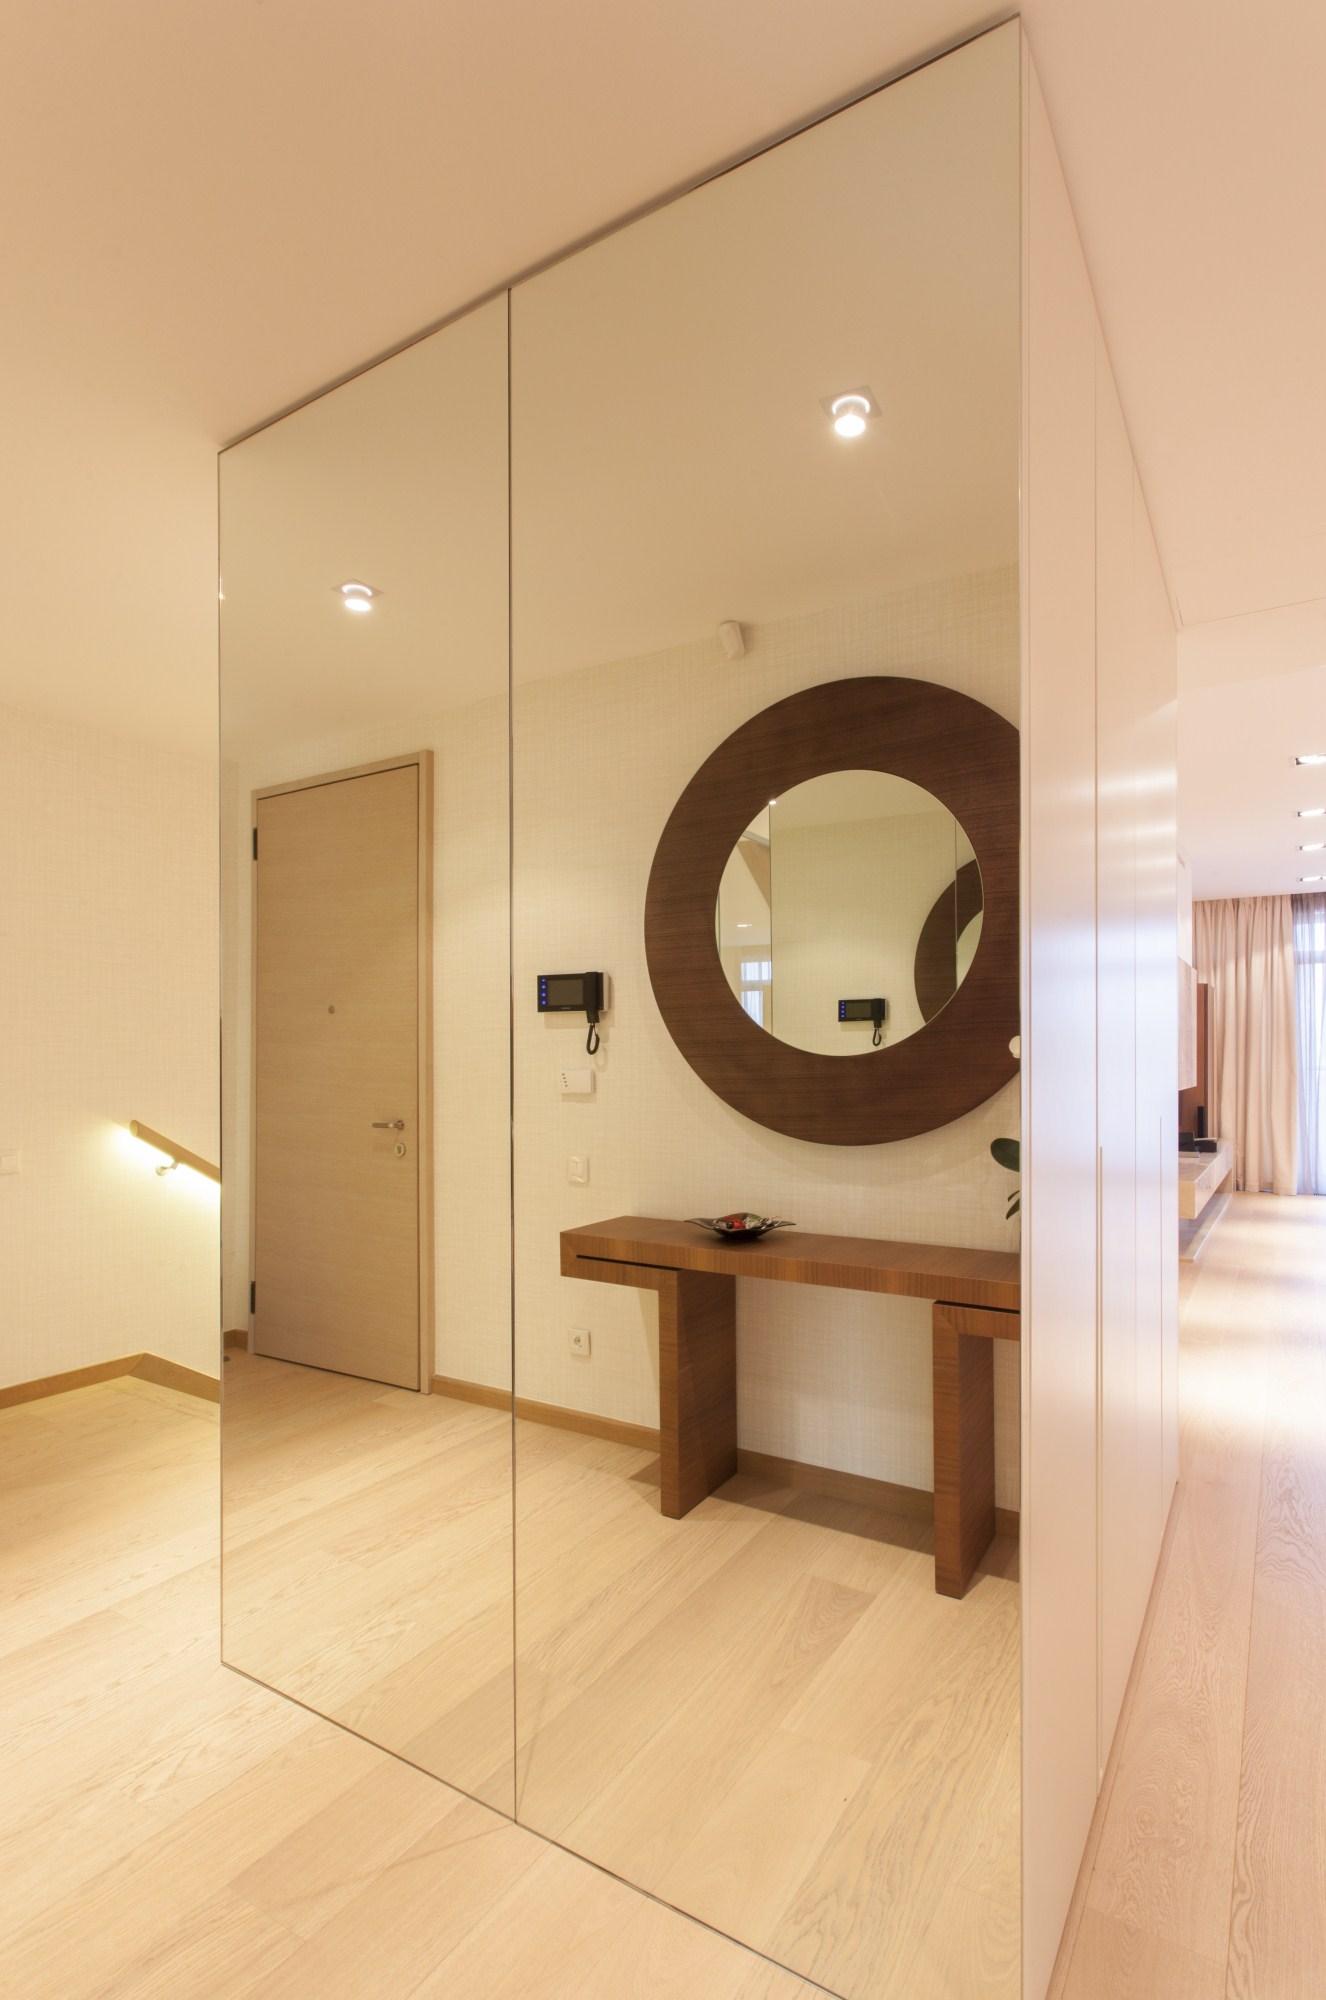 https://nbc-arhitect.ro/wp-content/uploads/2020/11/NBC-Arhitect-_-interior-design-_-Petofi-Sandor-_-Romania_24.jpg